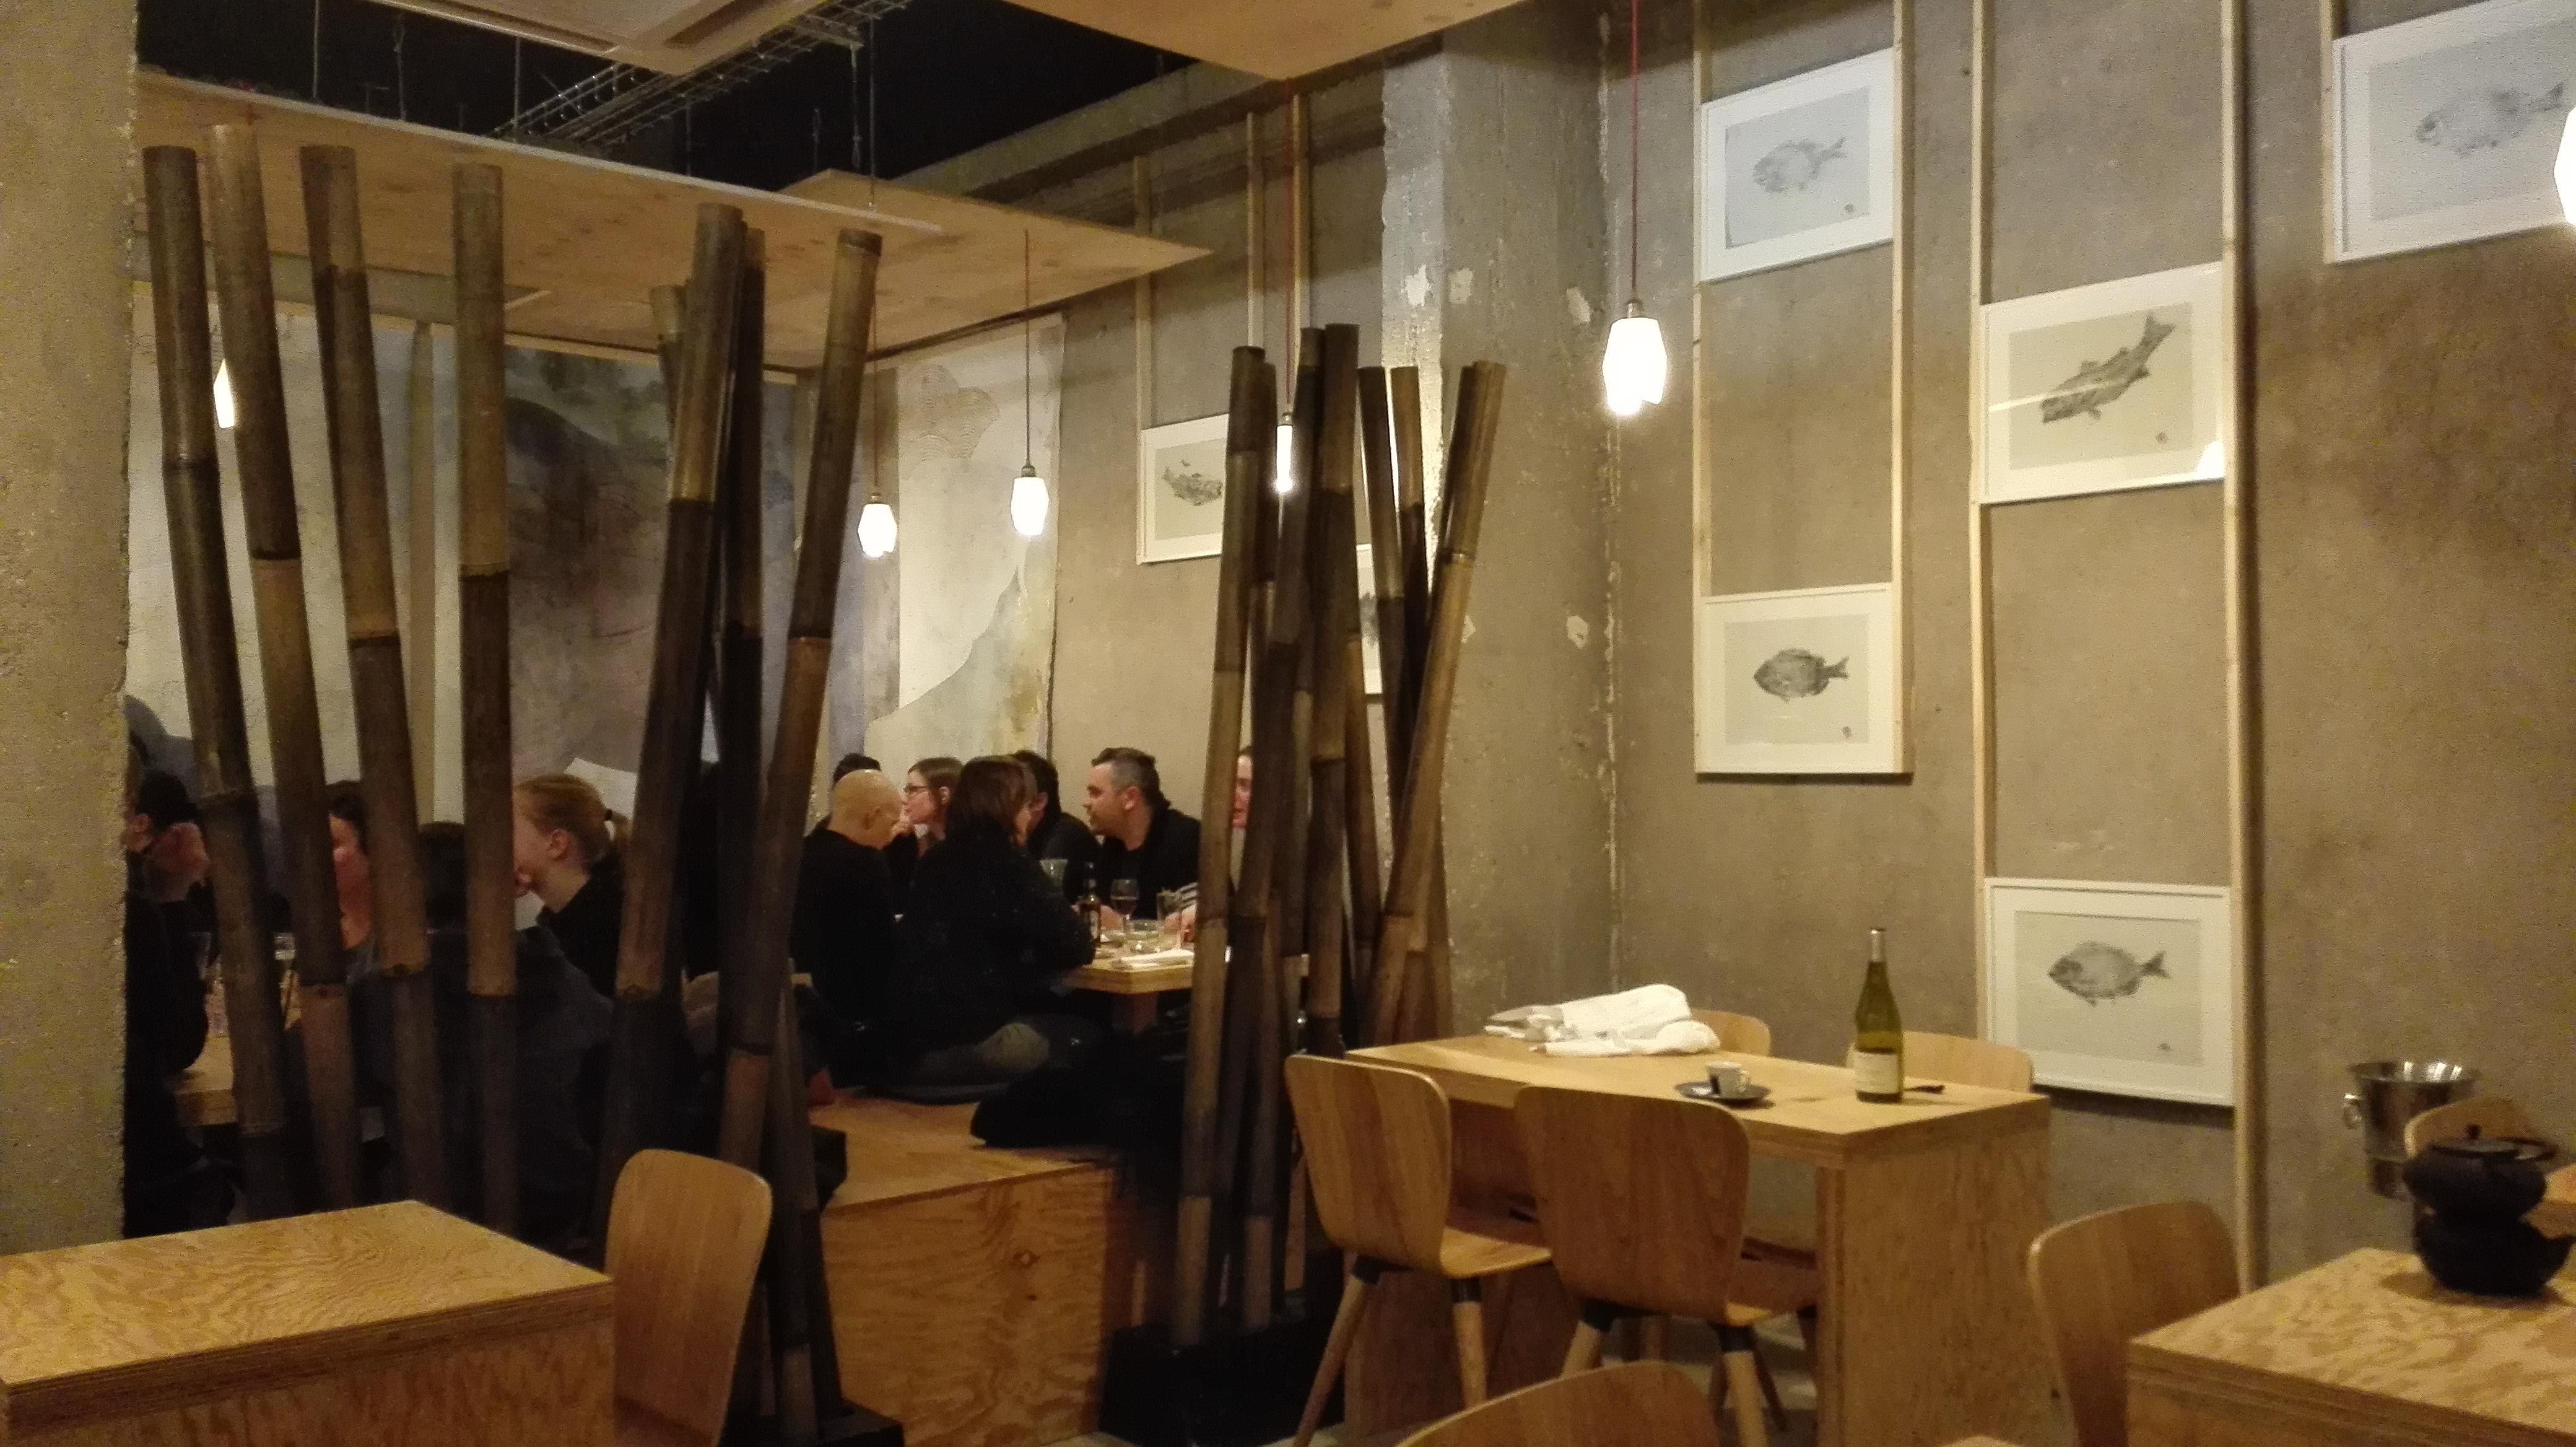 Le meilleur restaurant japonais de nantes izakaya joyi les ptits bonheurs nantes - Les bonnes tables de nantes ...